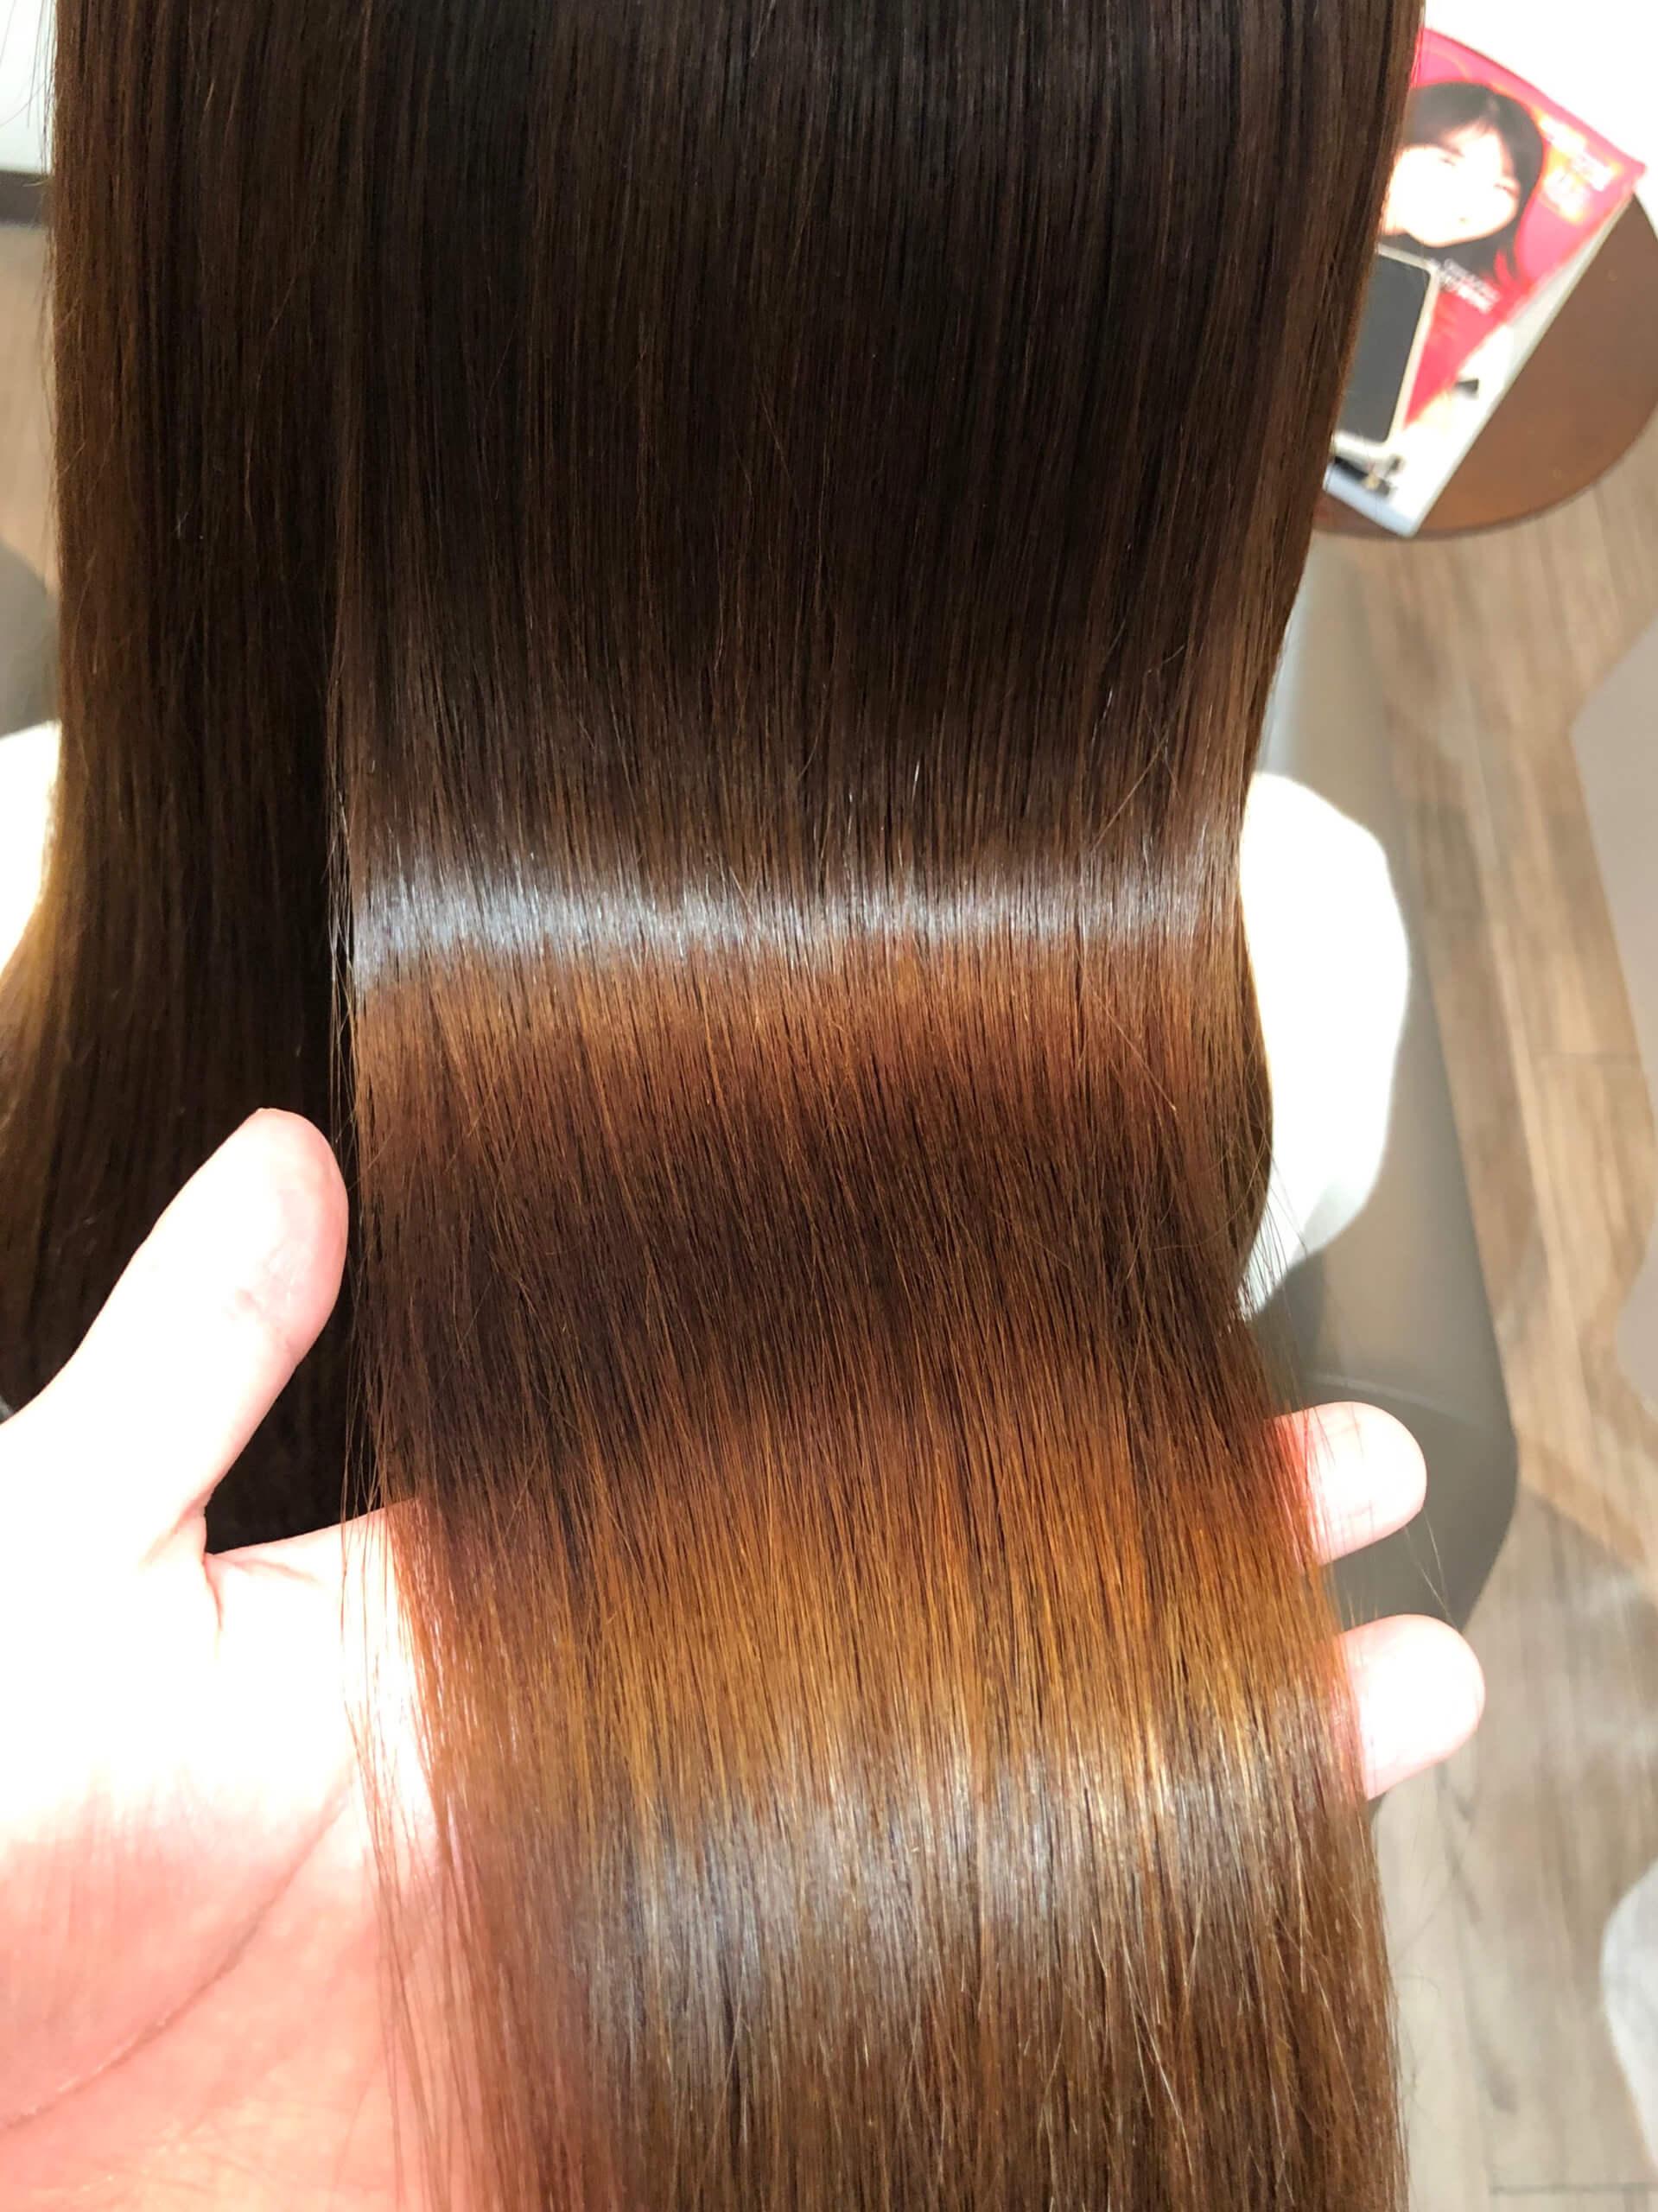 カラーと縮毛矯正両方している方がびびり毛にならないための方法